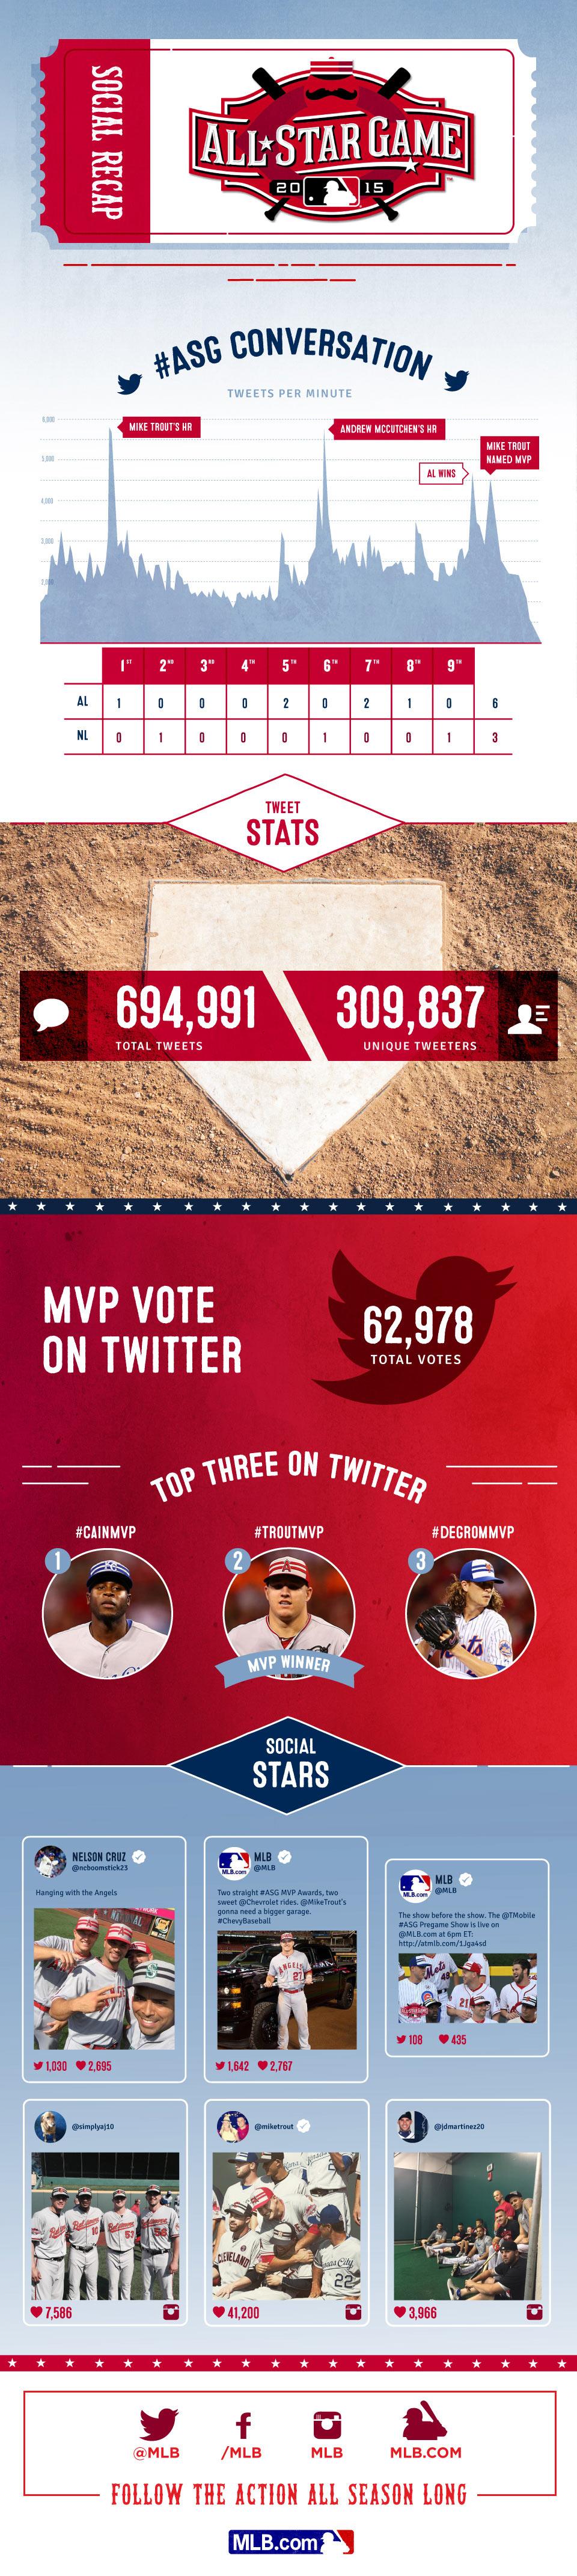 2015 MLB All-Star Game Social Media Recap